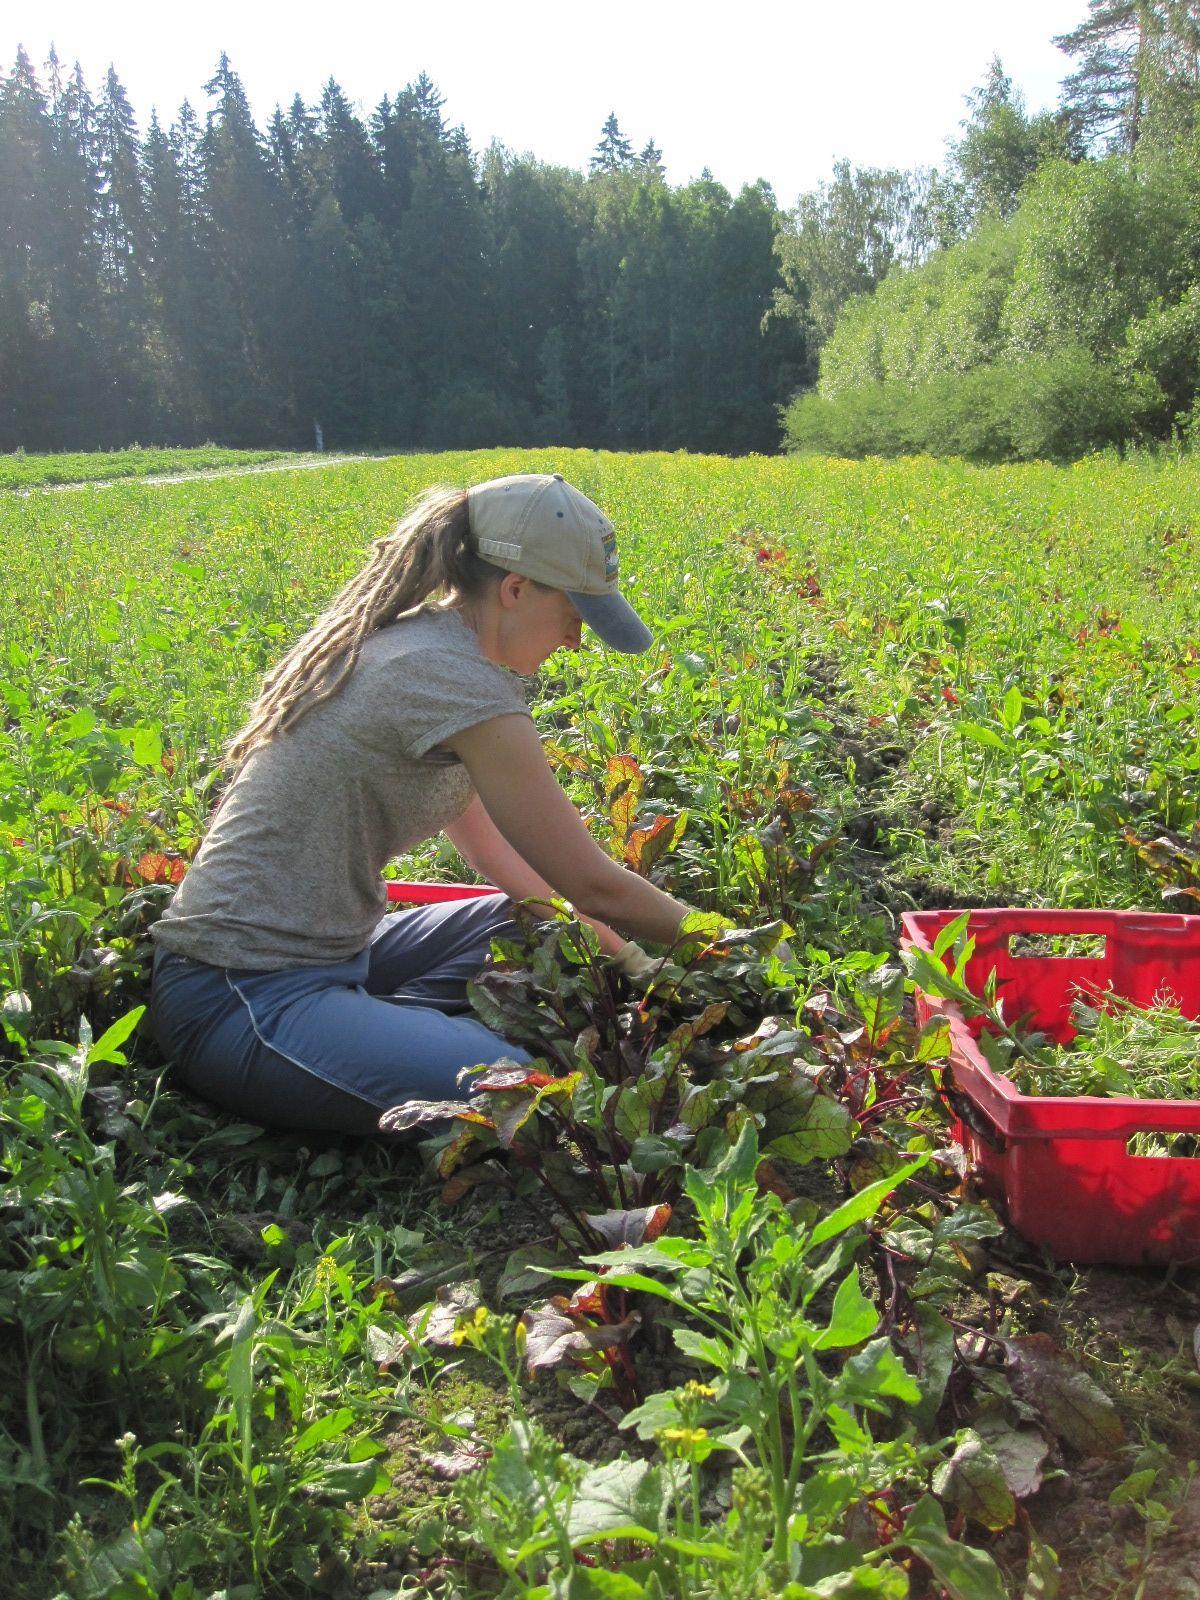 Kvt-vetäjä Anna kitkee punajuurta, tunnistatko syötävän rikkakasvin etualalla? Leiriläiset tunnistavat jo savikan ja tostain retken jälkeen paljon muitakin luonnonkasveja.